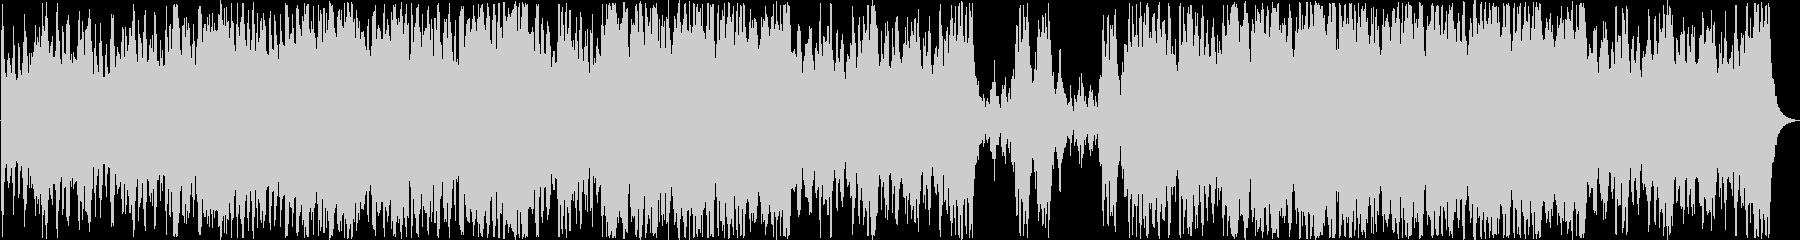 ティーン 現代的 交響曲 クラシッ...の未再生の波形